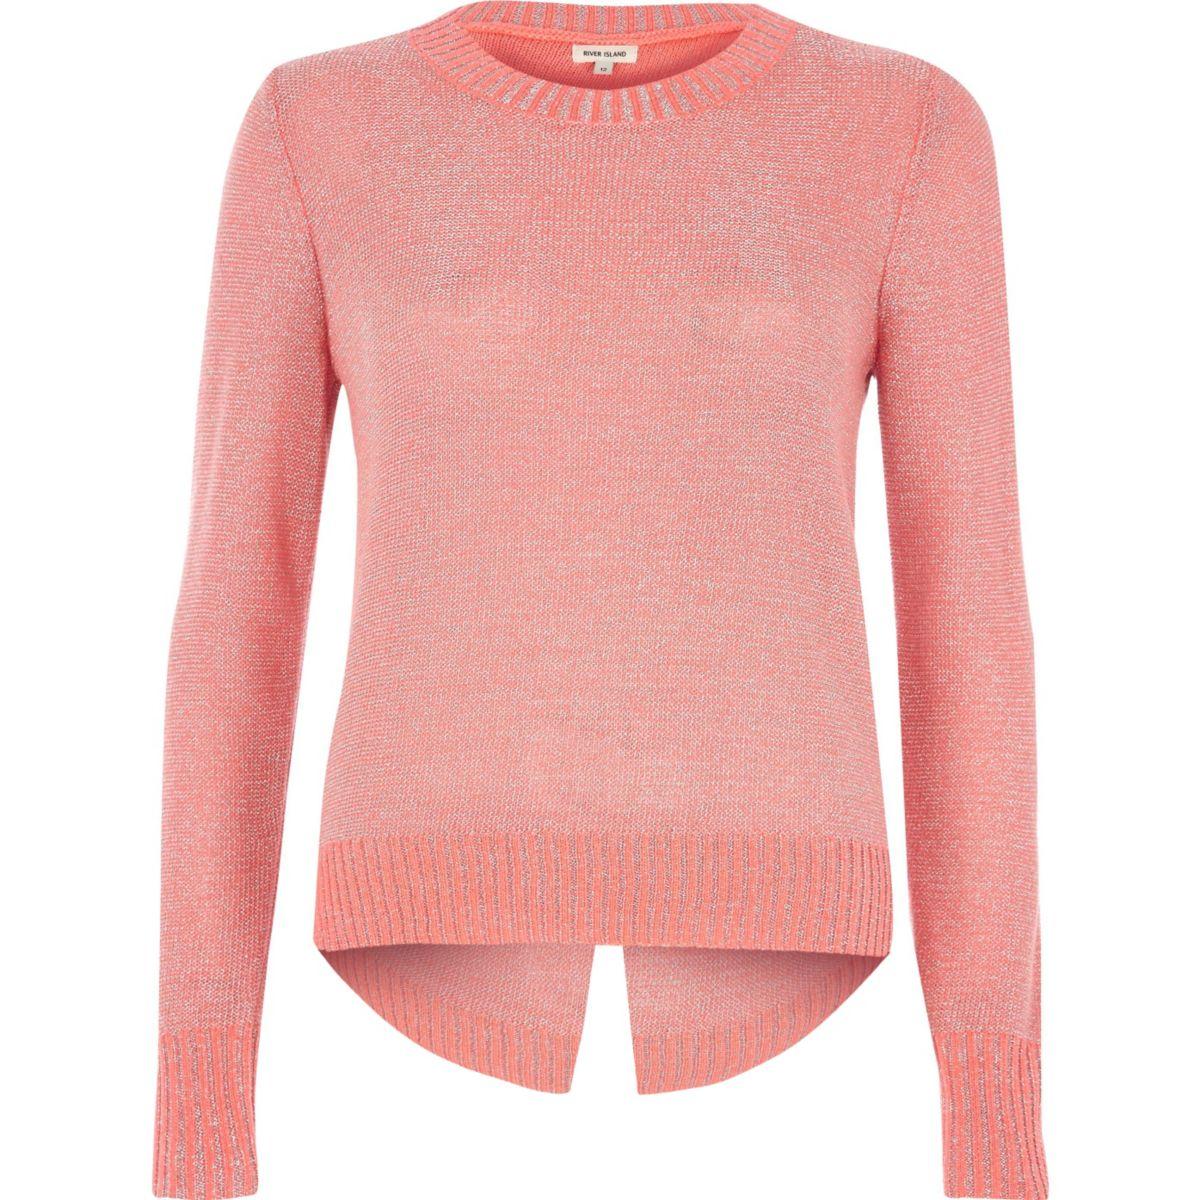 Pullover in Koralle-Metallic mit Rückenschlitz